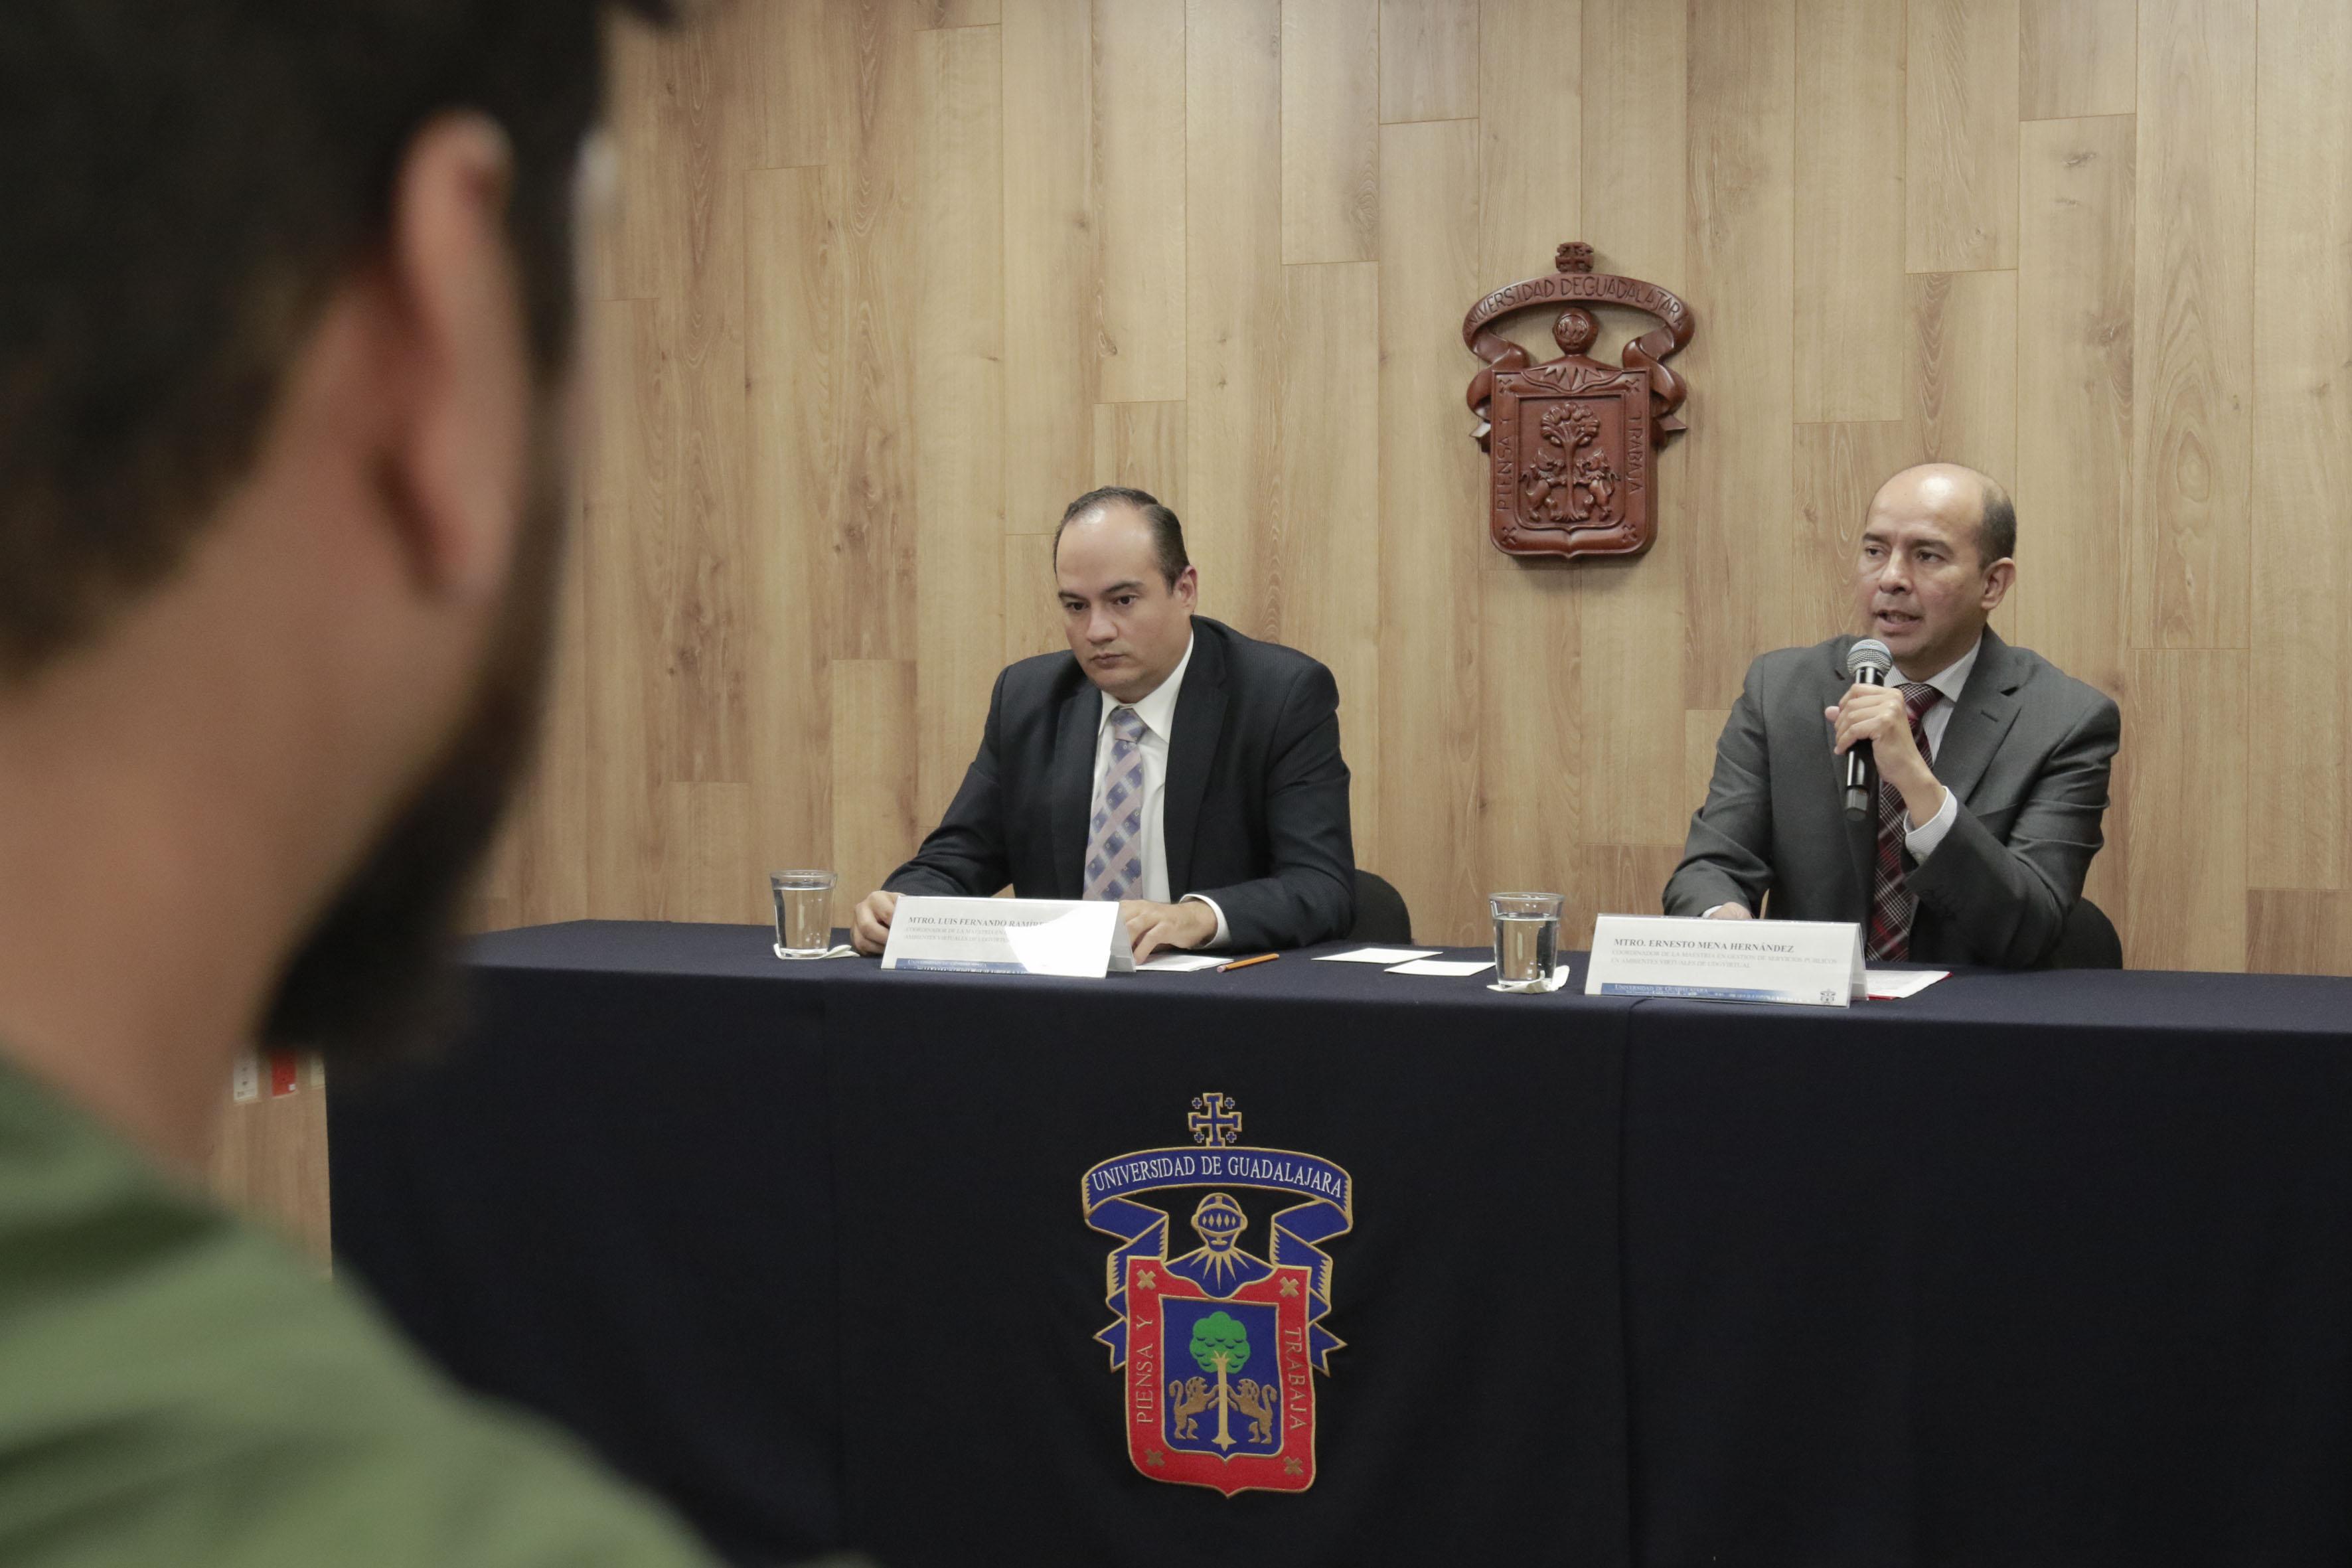 Coordinador de la maestría en Gestión de Servicios Públicos en Ambientes Virtuales, maestro Ernesto Mena Hernández, participando en rueda de prensa.